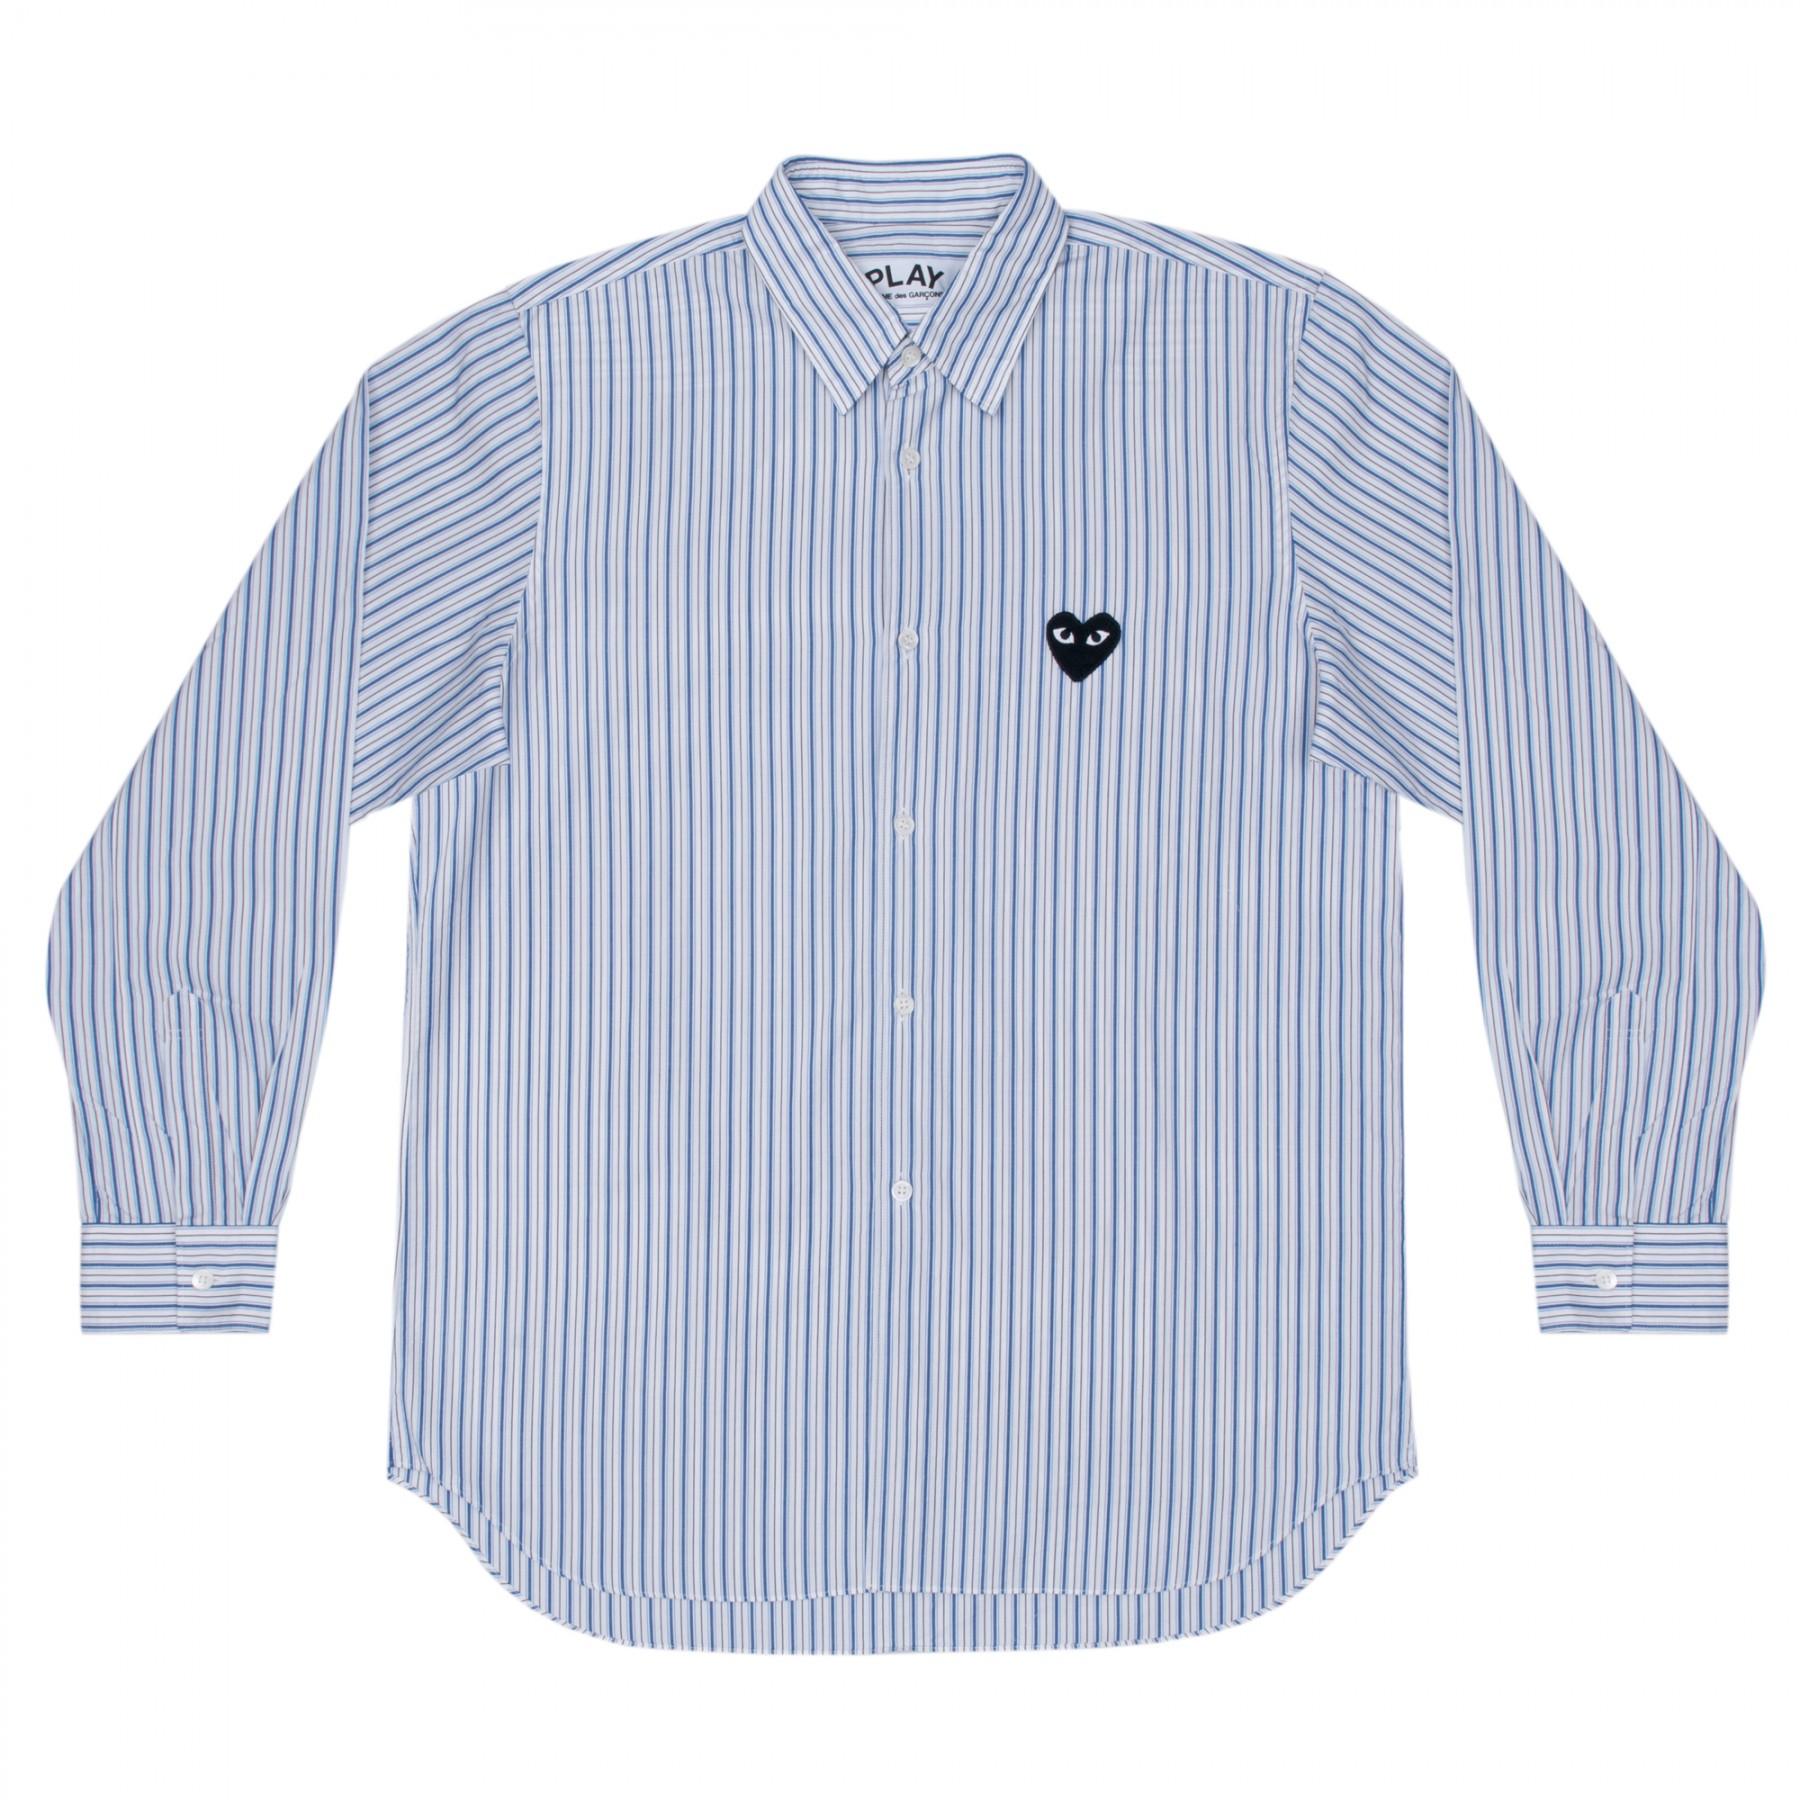 꼼데가르송 PLAY 스트라이프 와이셔츠 (남성)